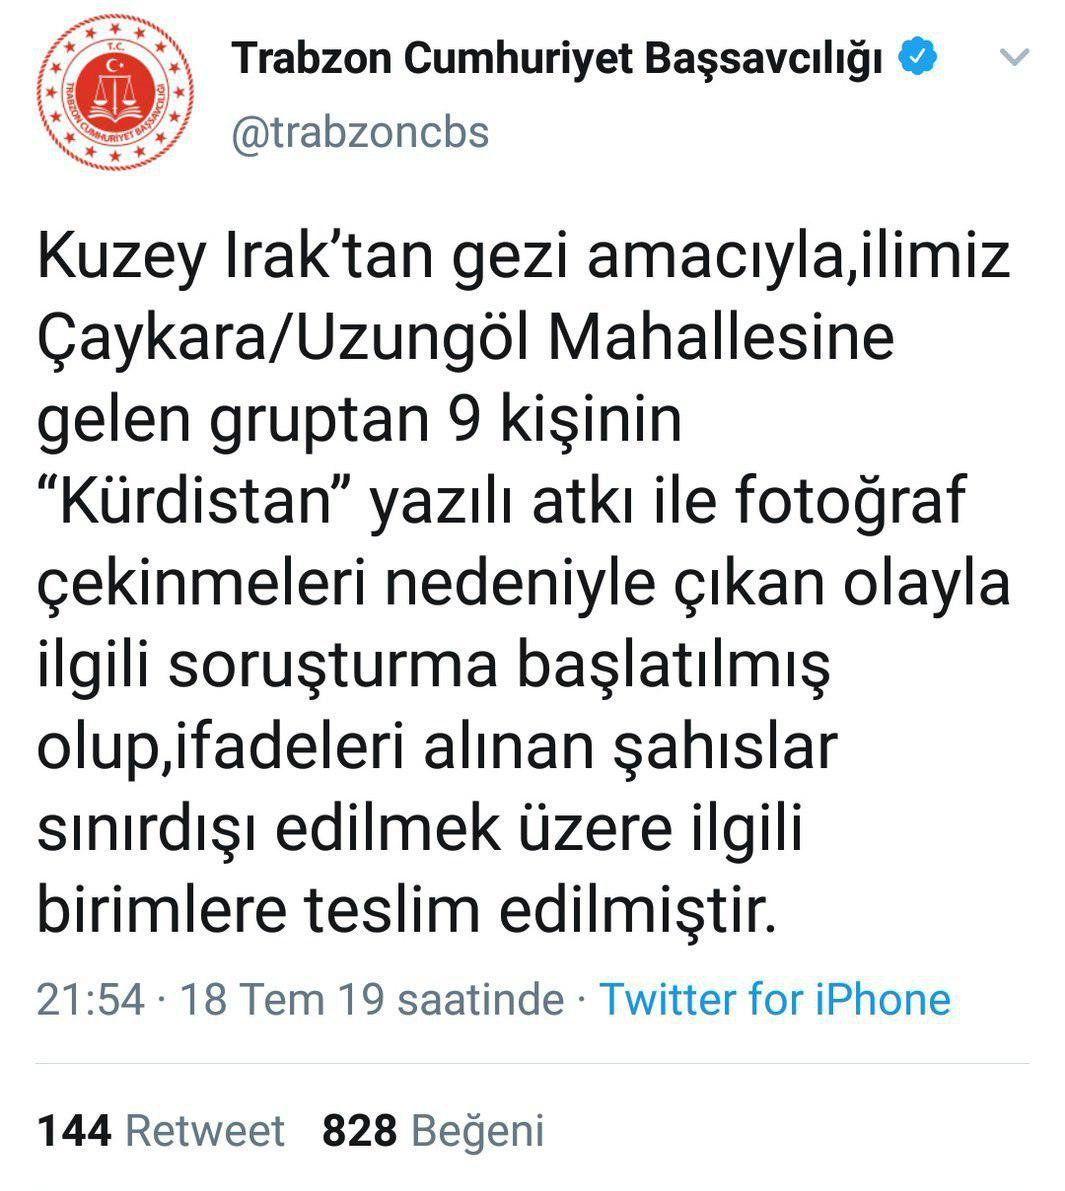 Trabzon Cumhuriyet Başsavcılığı'nın tweeti